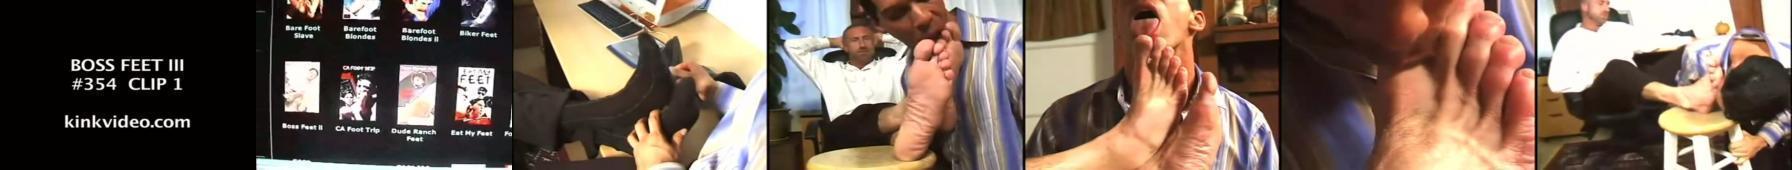 szef i jego stopy